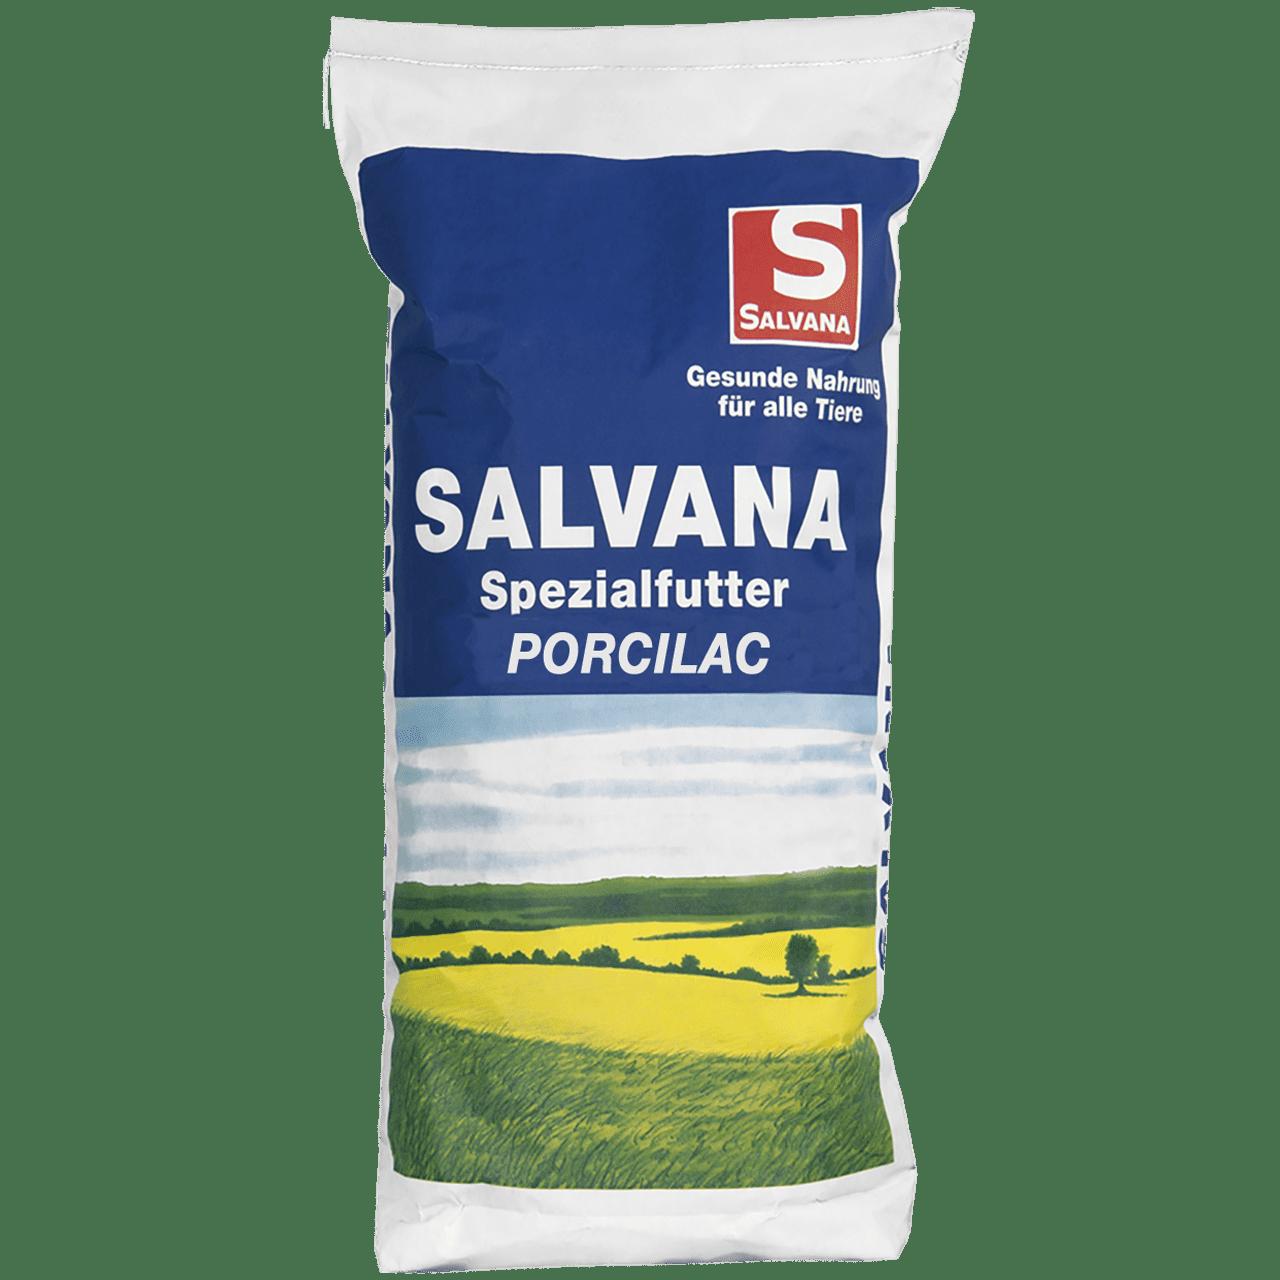 SALVANA PORCILAC